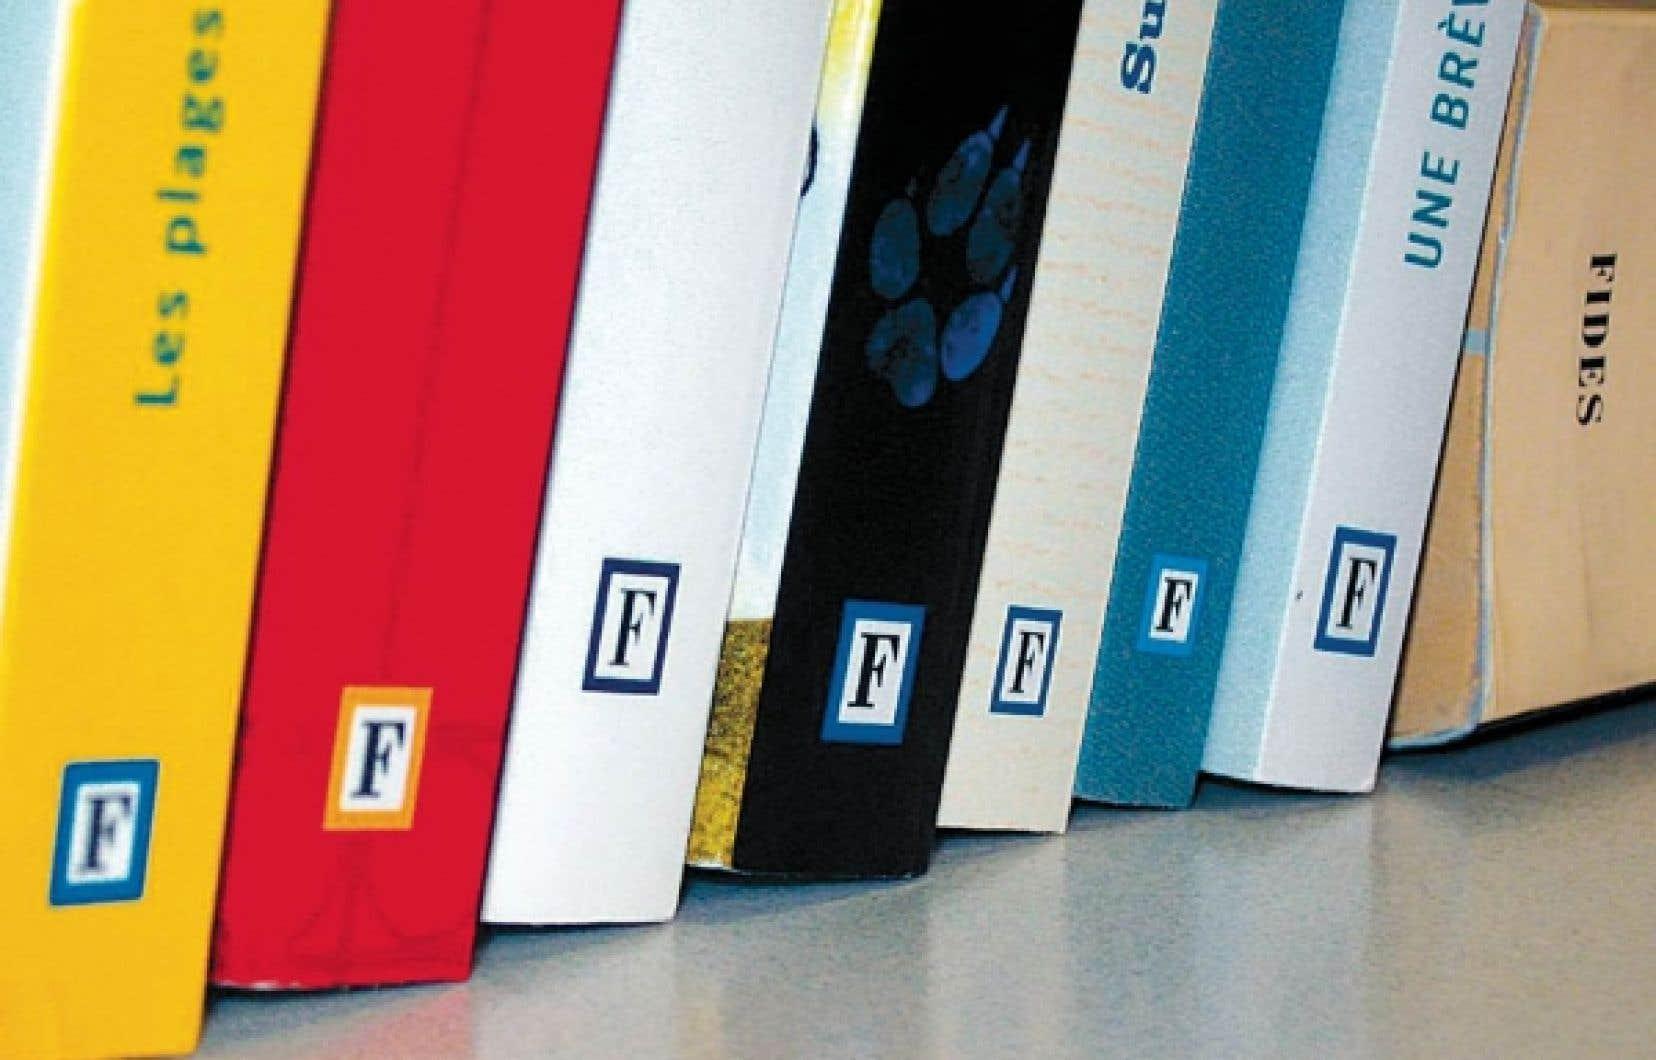 Stéphane Lavoie compte beaucoup sur les antennes dont bénéficie Coopsco dans le réseau scolaire pour à la fois favoriser la vente de titres anciens et susciter la parution de nouveaux ouvrages.<br />